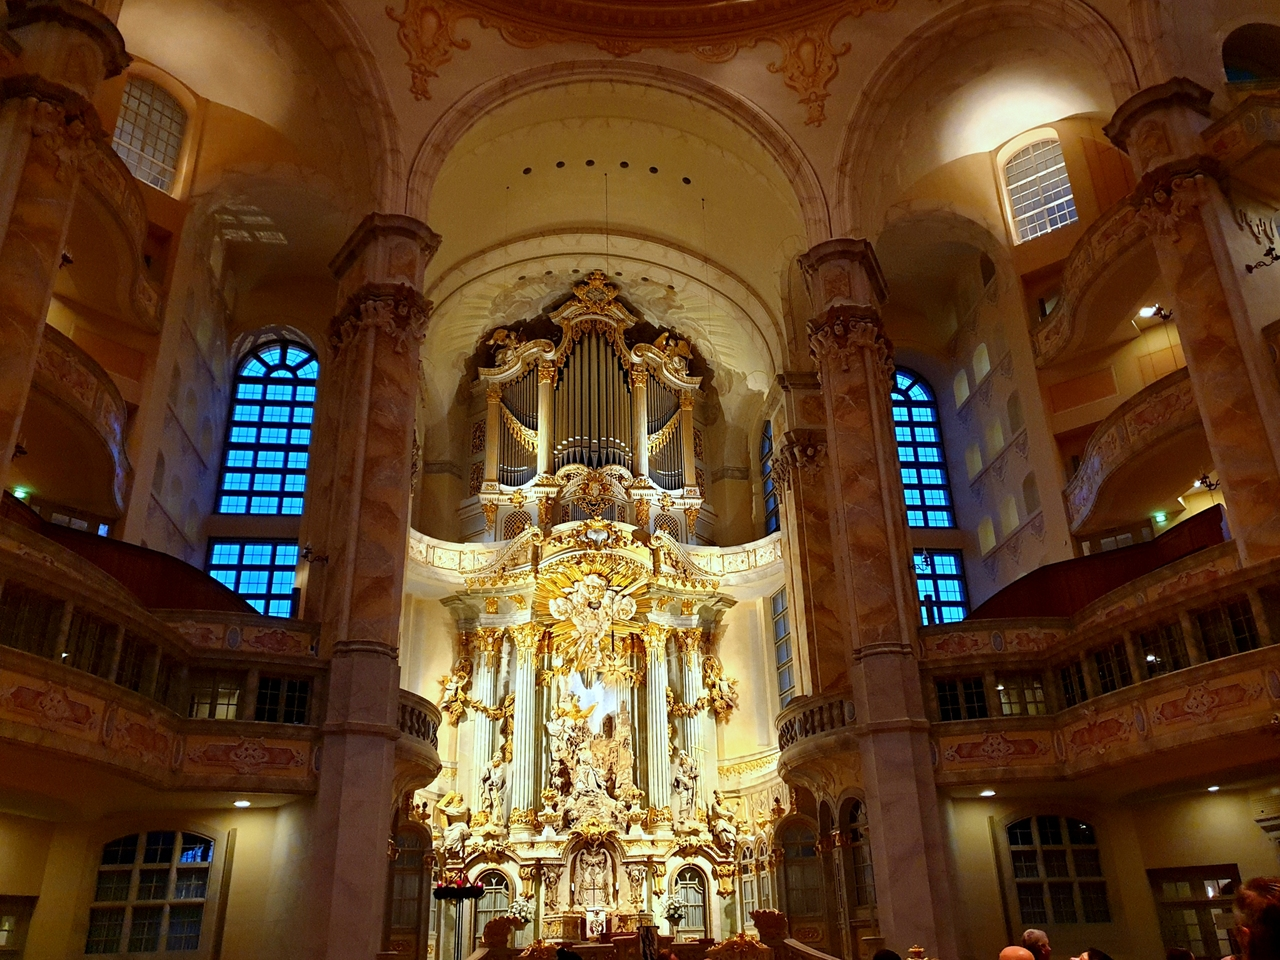 Kościół Marii Panny, Drezno. Każdy przekraczający próg kościoła zostanie urzeczony blaskiem cudownego ołtarza.